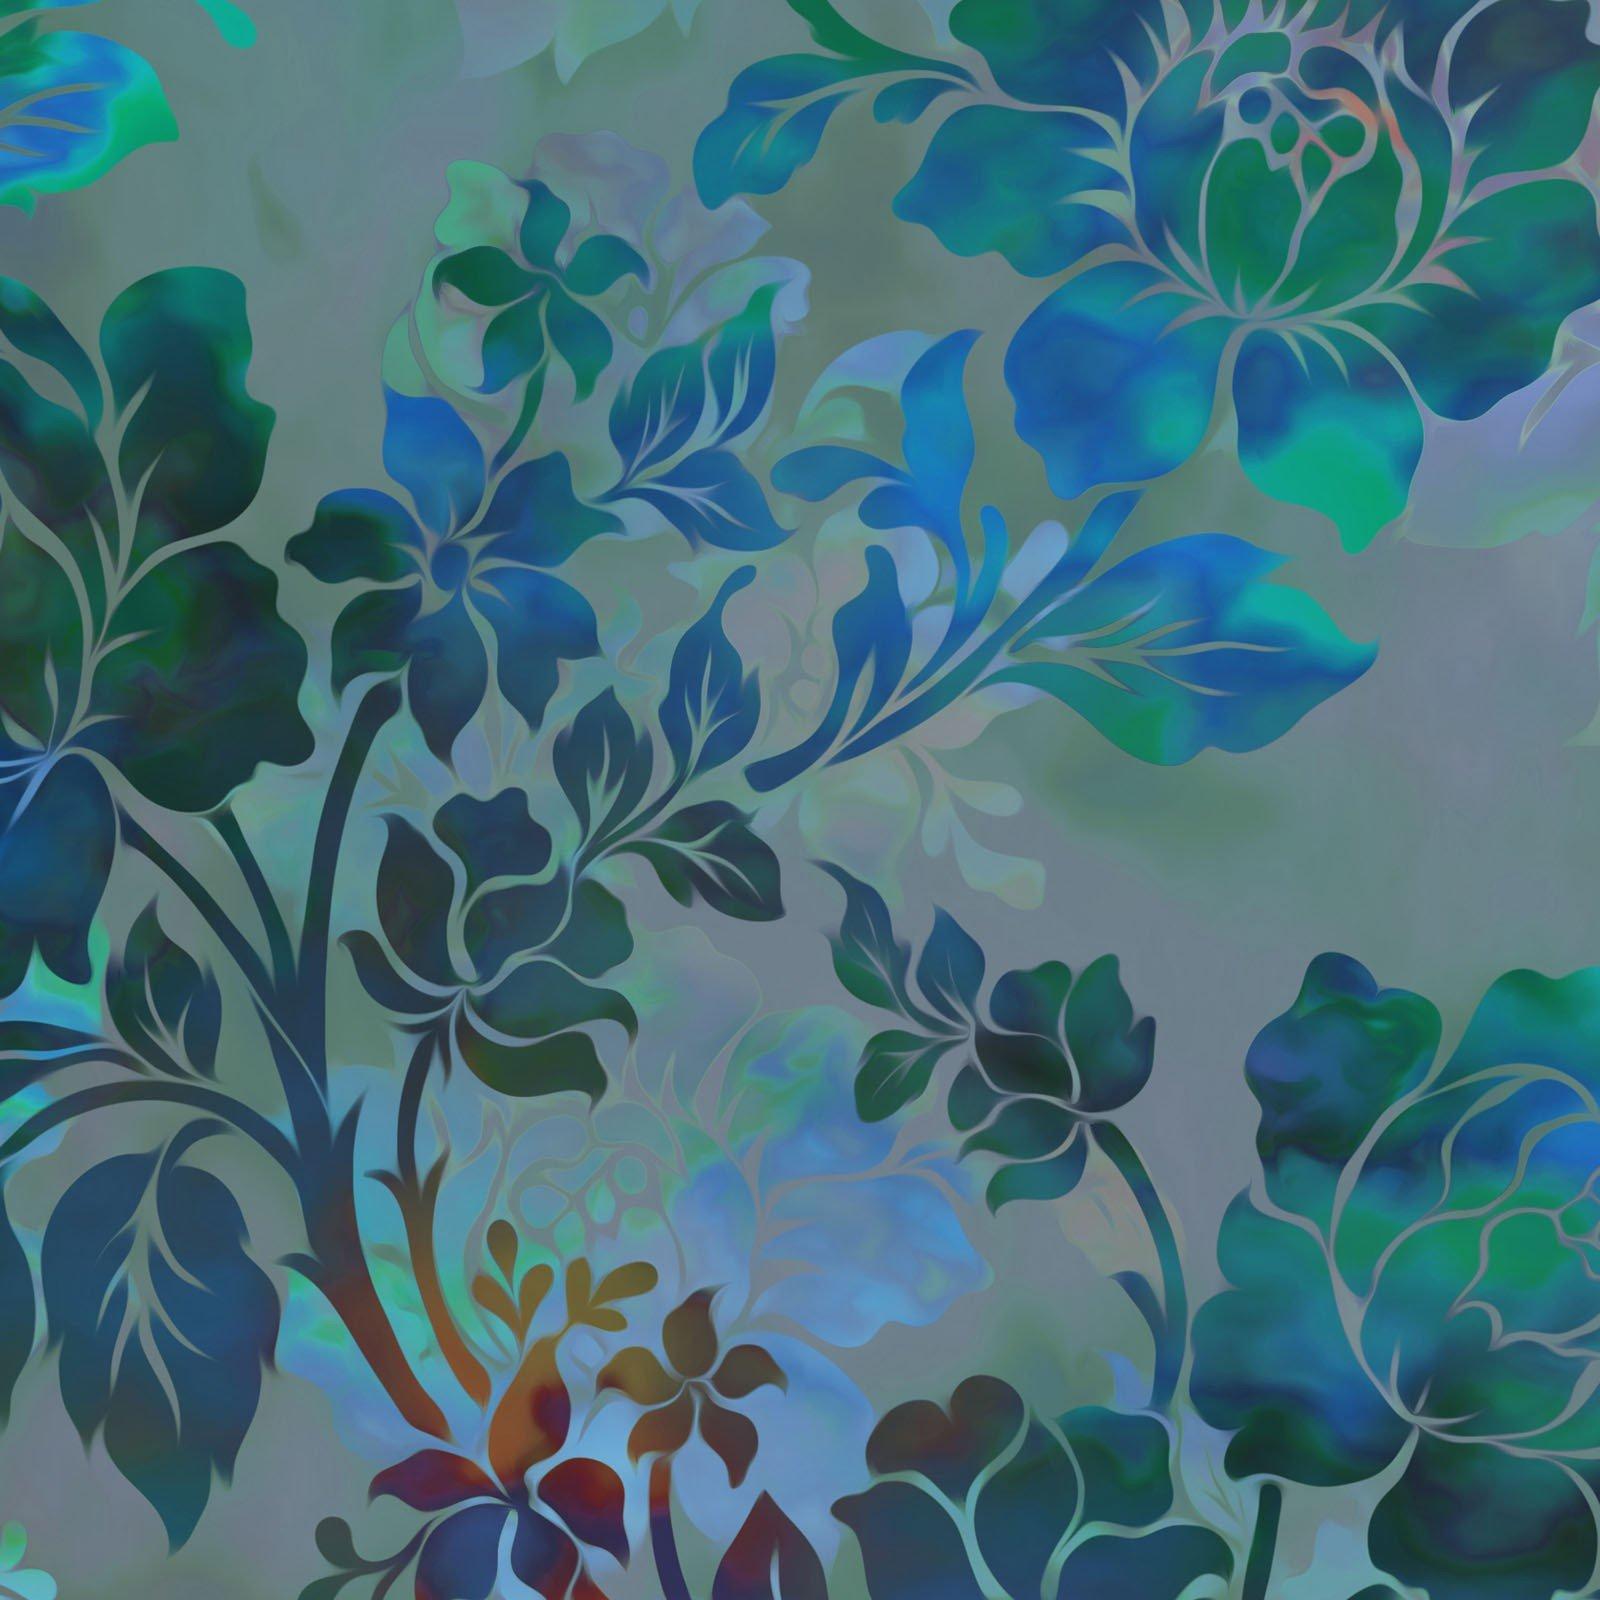 Diaphanous 1ENC-4 Teal Night Bloom